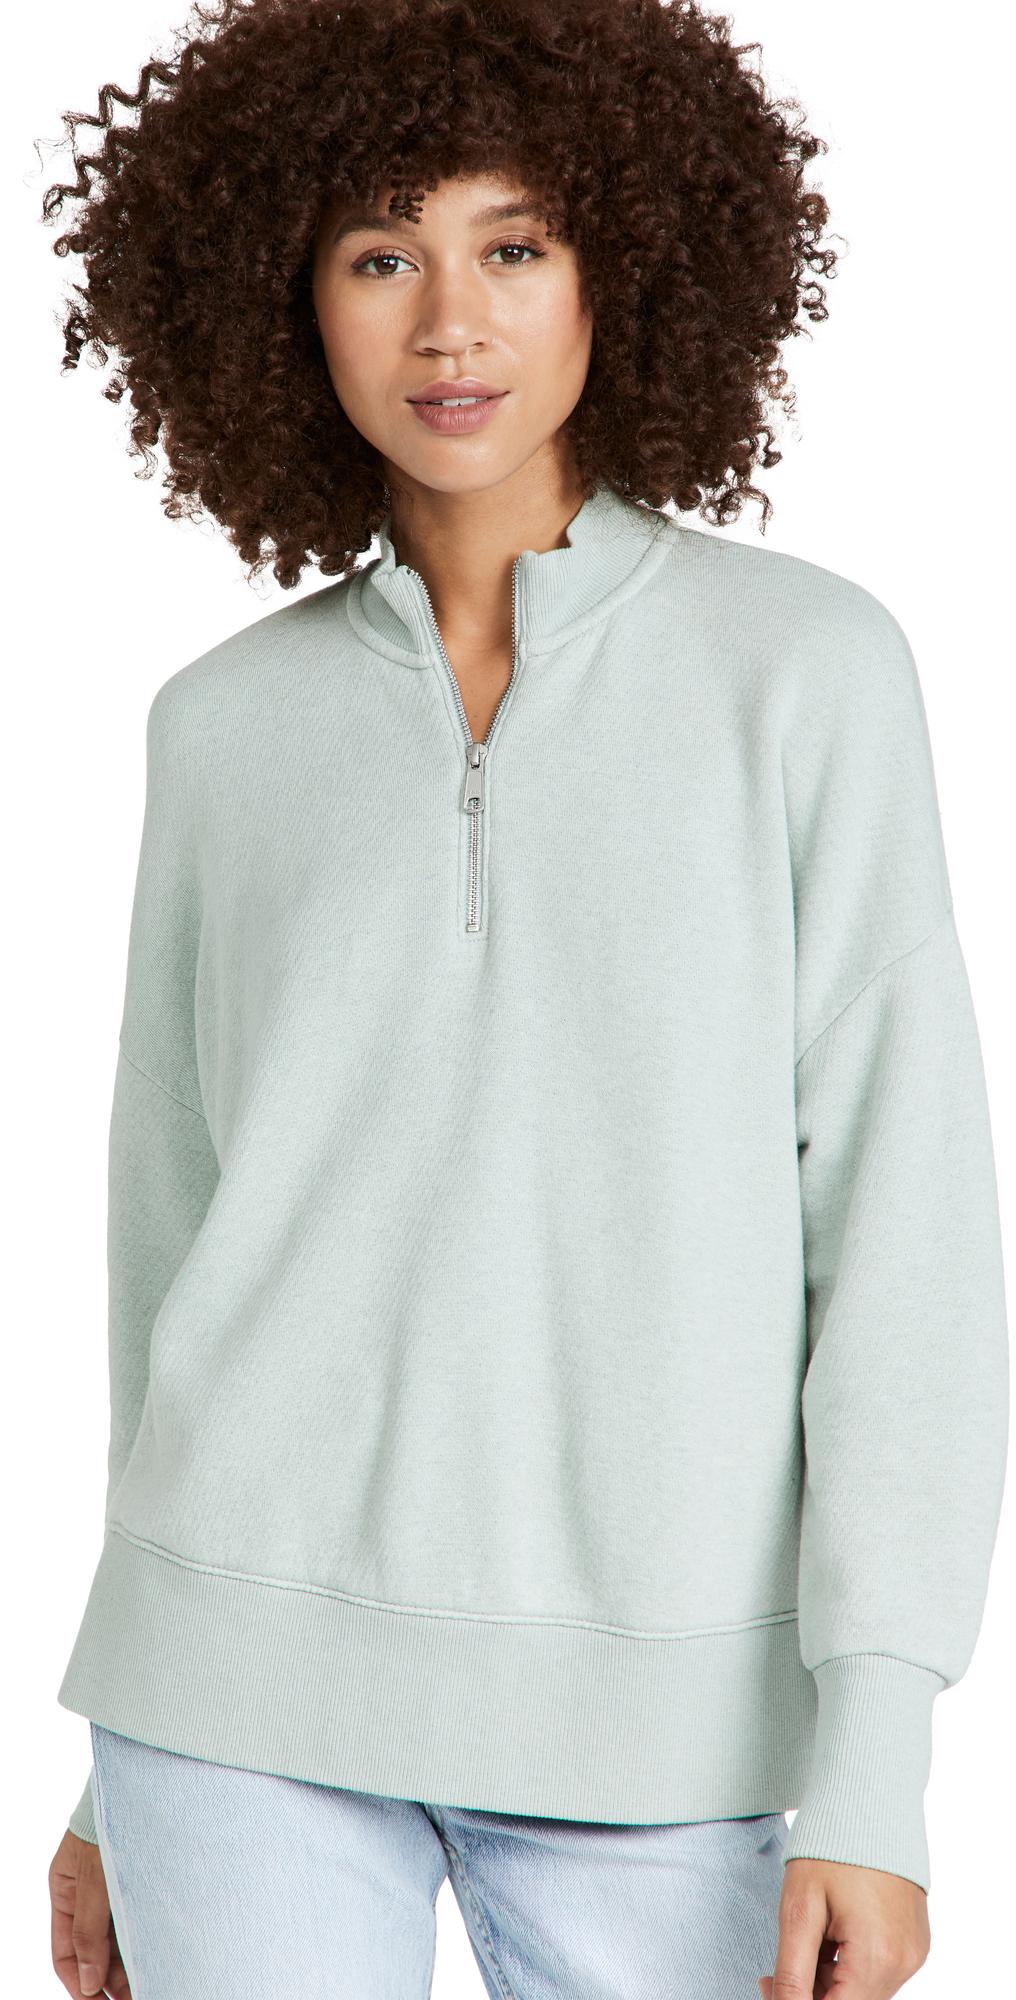 Betterterry Zip-Front Mockneck Sweatshirt